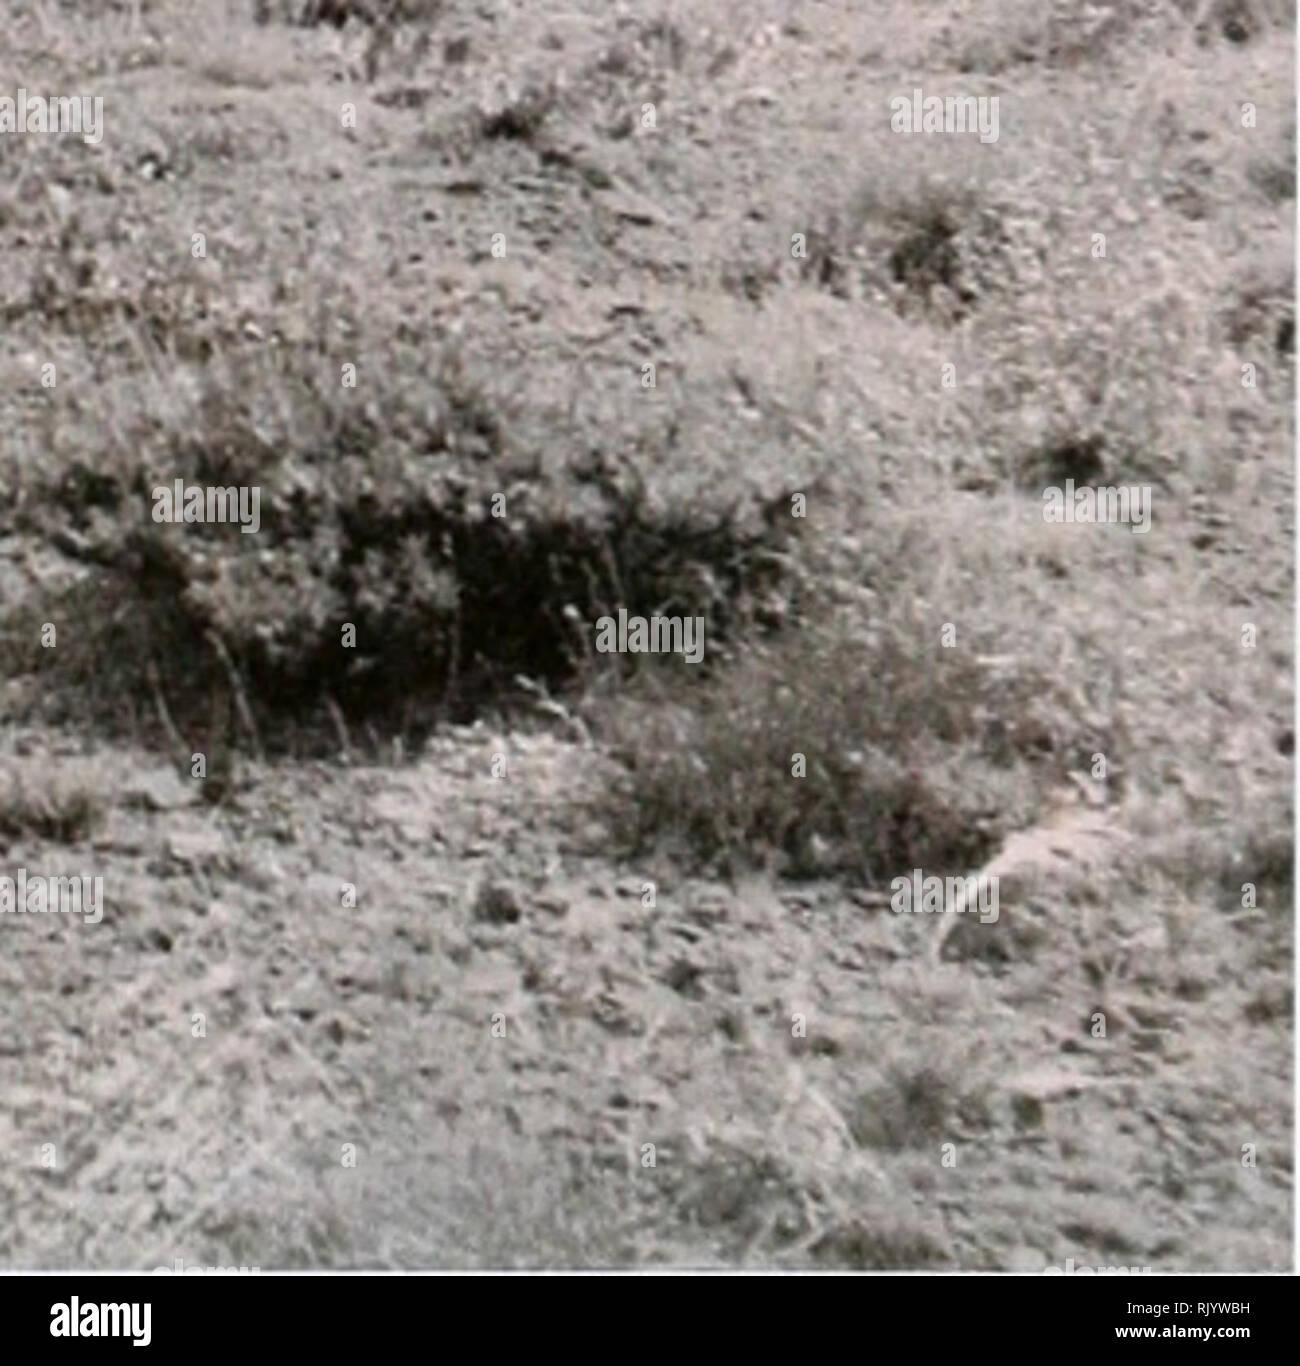 . Asiatische herpetologischen Forschung. Reptilien -- Asien Zeitschriften; Amphibien -- Asien Zeitschriften. --** Abbildung 5. Lebensraum und geben Sie den Ort von Eremias (Eremias) Montanus. 60 km nordöstlich von Kermanshah, Nähe von Siah-Darreh Dorf, Kermanshah Province, Western Iran. Etymologie: Eremias montanus wird so genannt, da es anscheinend in der Verteilung auf die Berggebiete und die bergige Steppen der nordöstlichen Regionen von Ker eingeschränkt - manshah Provinz, westlichen Iran. Taxonomische Konto: Wie bereits erwähnt, bisher die umfassendste Arbeit über die komplizierte Gattung von Eremias (Sensu lato) ist von szczerbak ( Stockbild